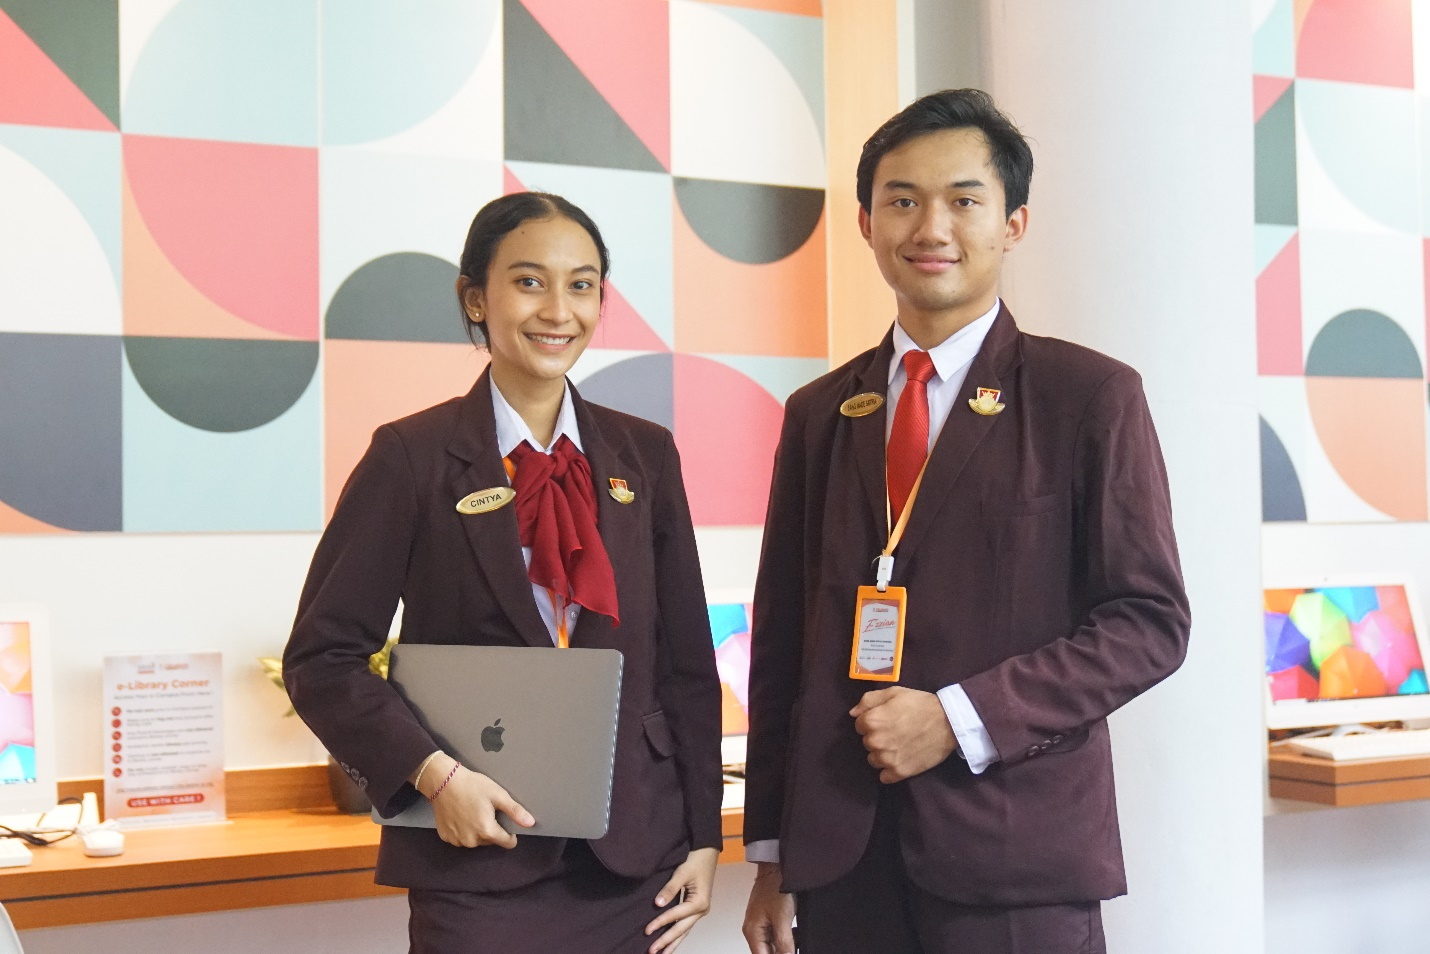 Kampus pariwisata di bali,international hotel management school,Kampus pariwisata terbaik di bali,hotel management school bali,sekolah pariwisata di indonesia,sekolah pariwisata terbaik di indonesia,sekolah pariwisata,kampus perhotelan terbaik di indonesia,kampus pariwisata terbaik di indonesia